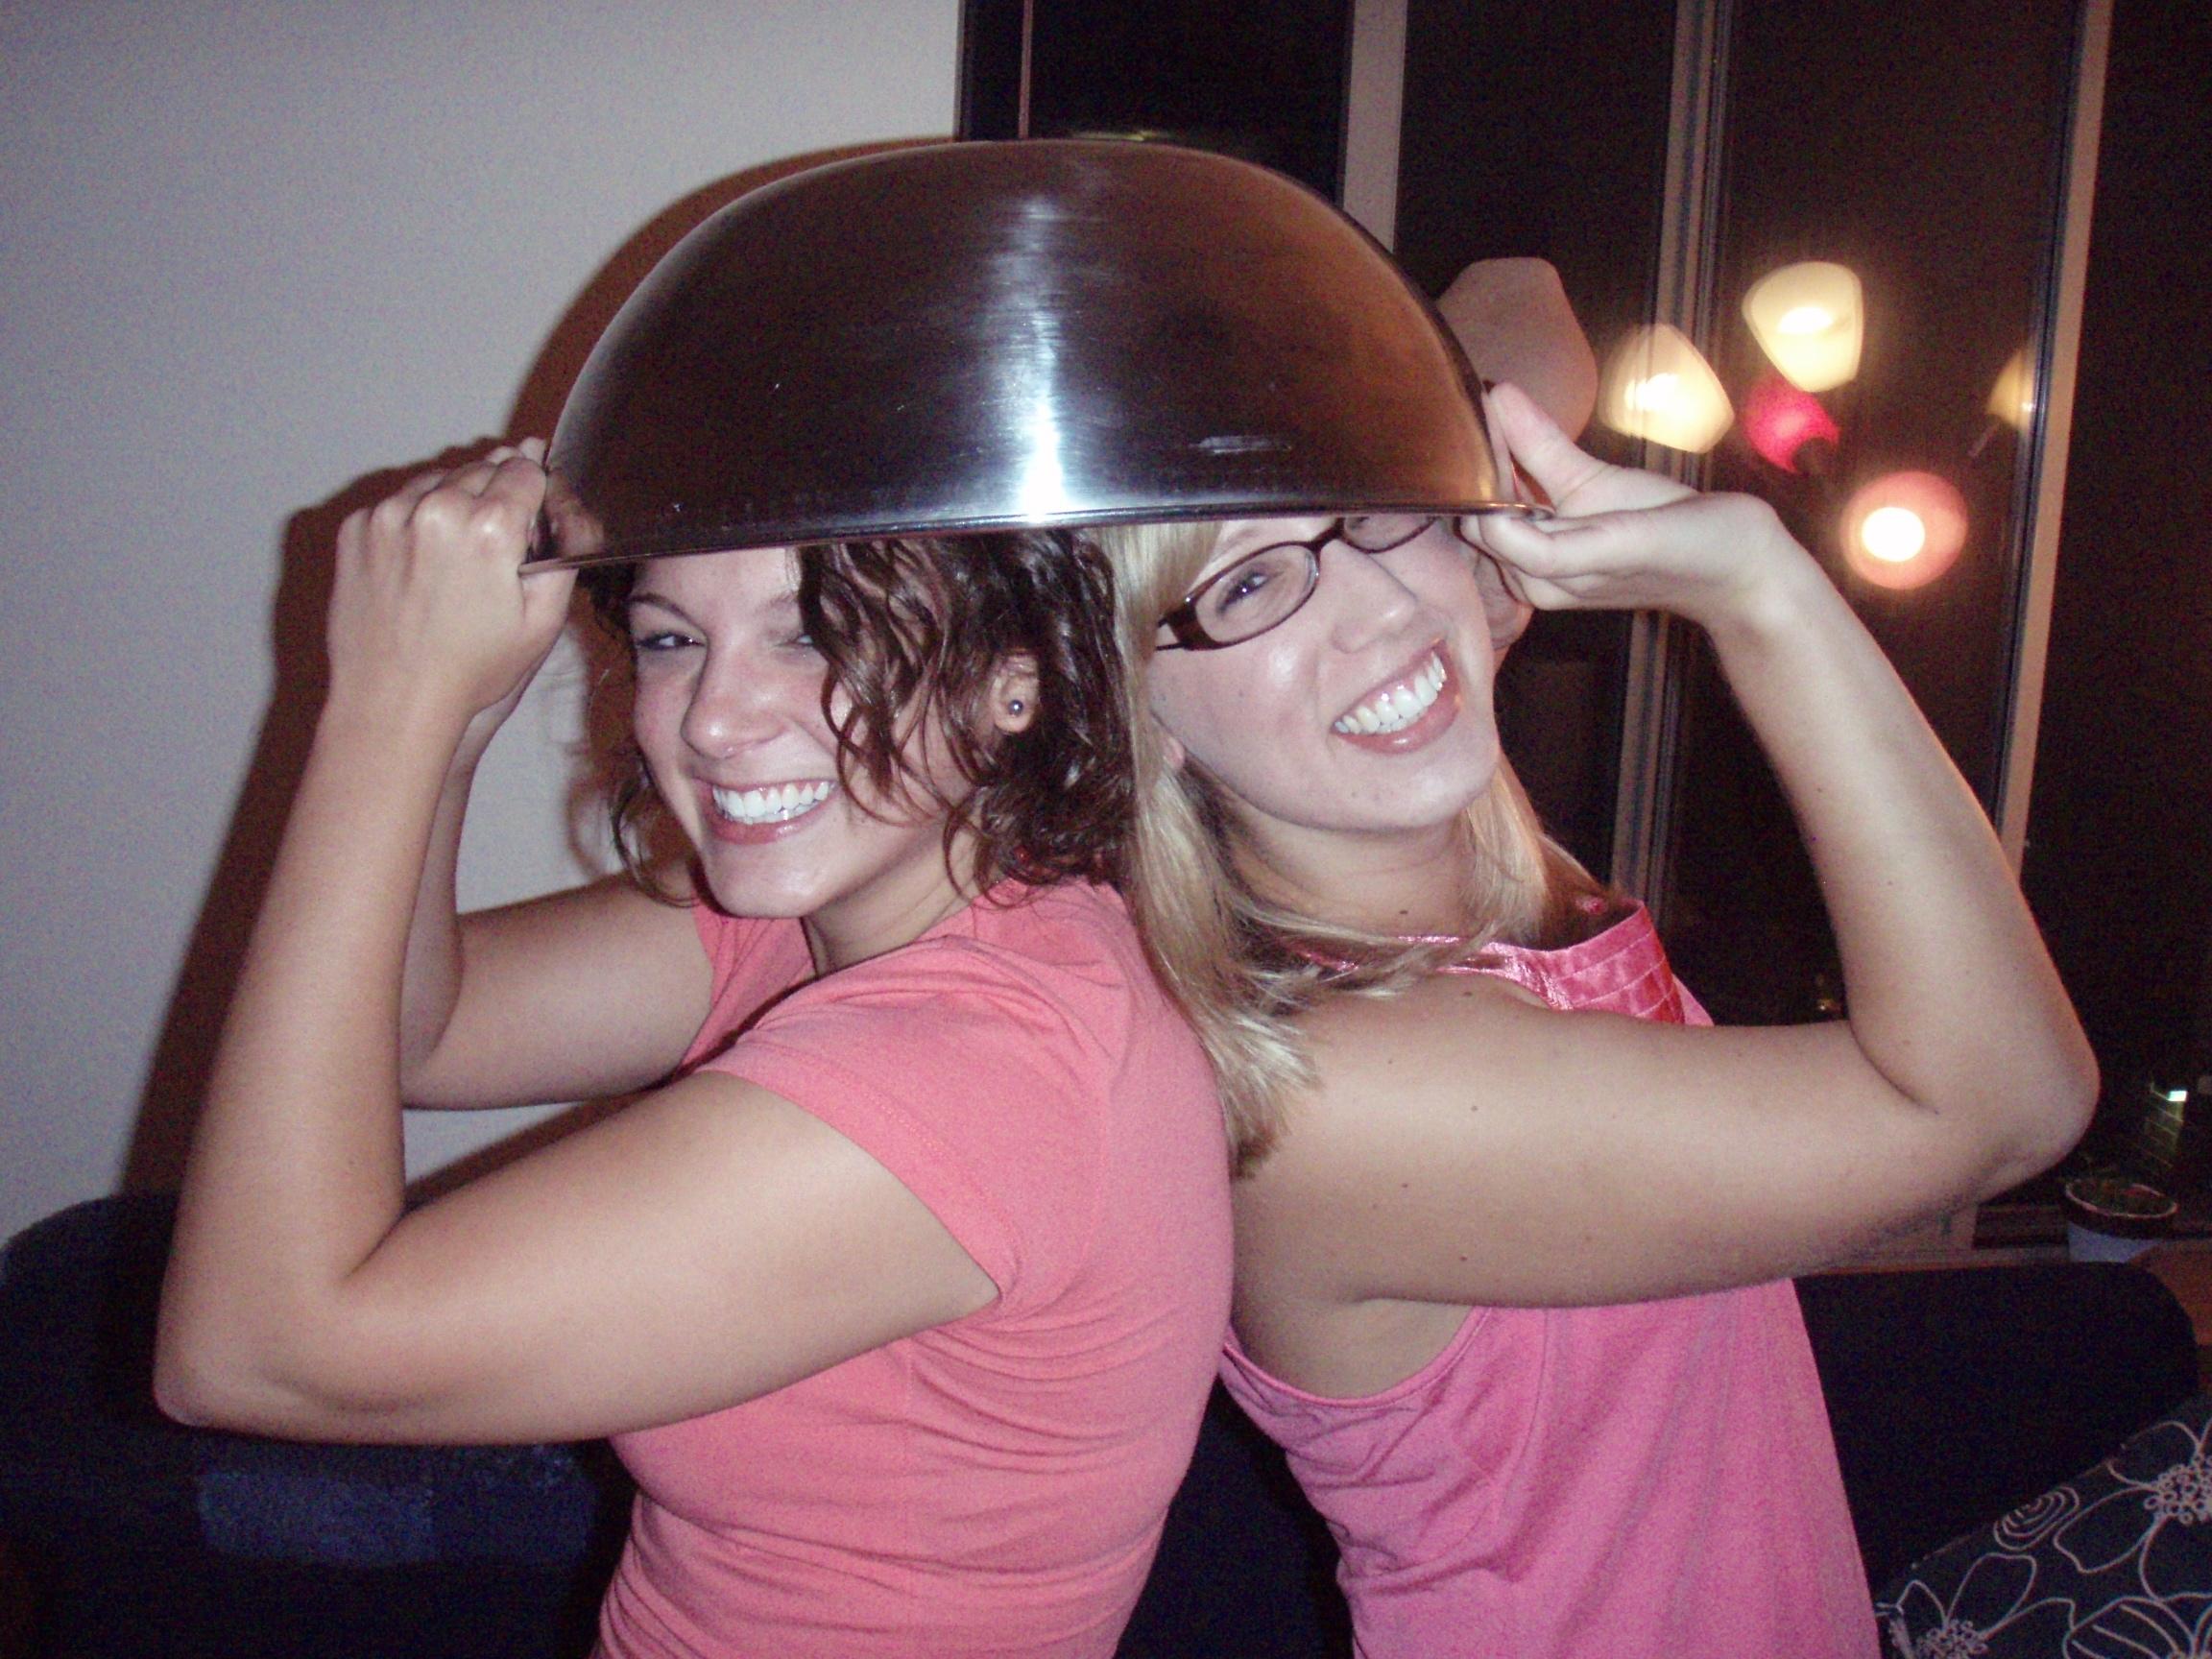 The beloved big bowl of Apt. #475, 2008